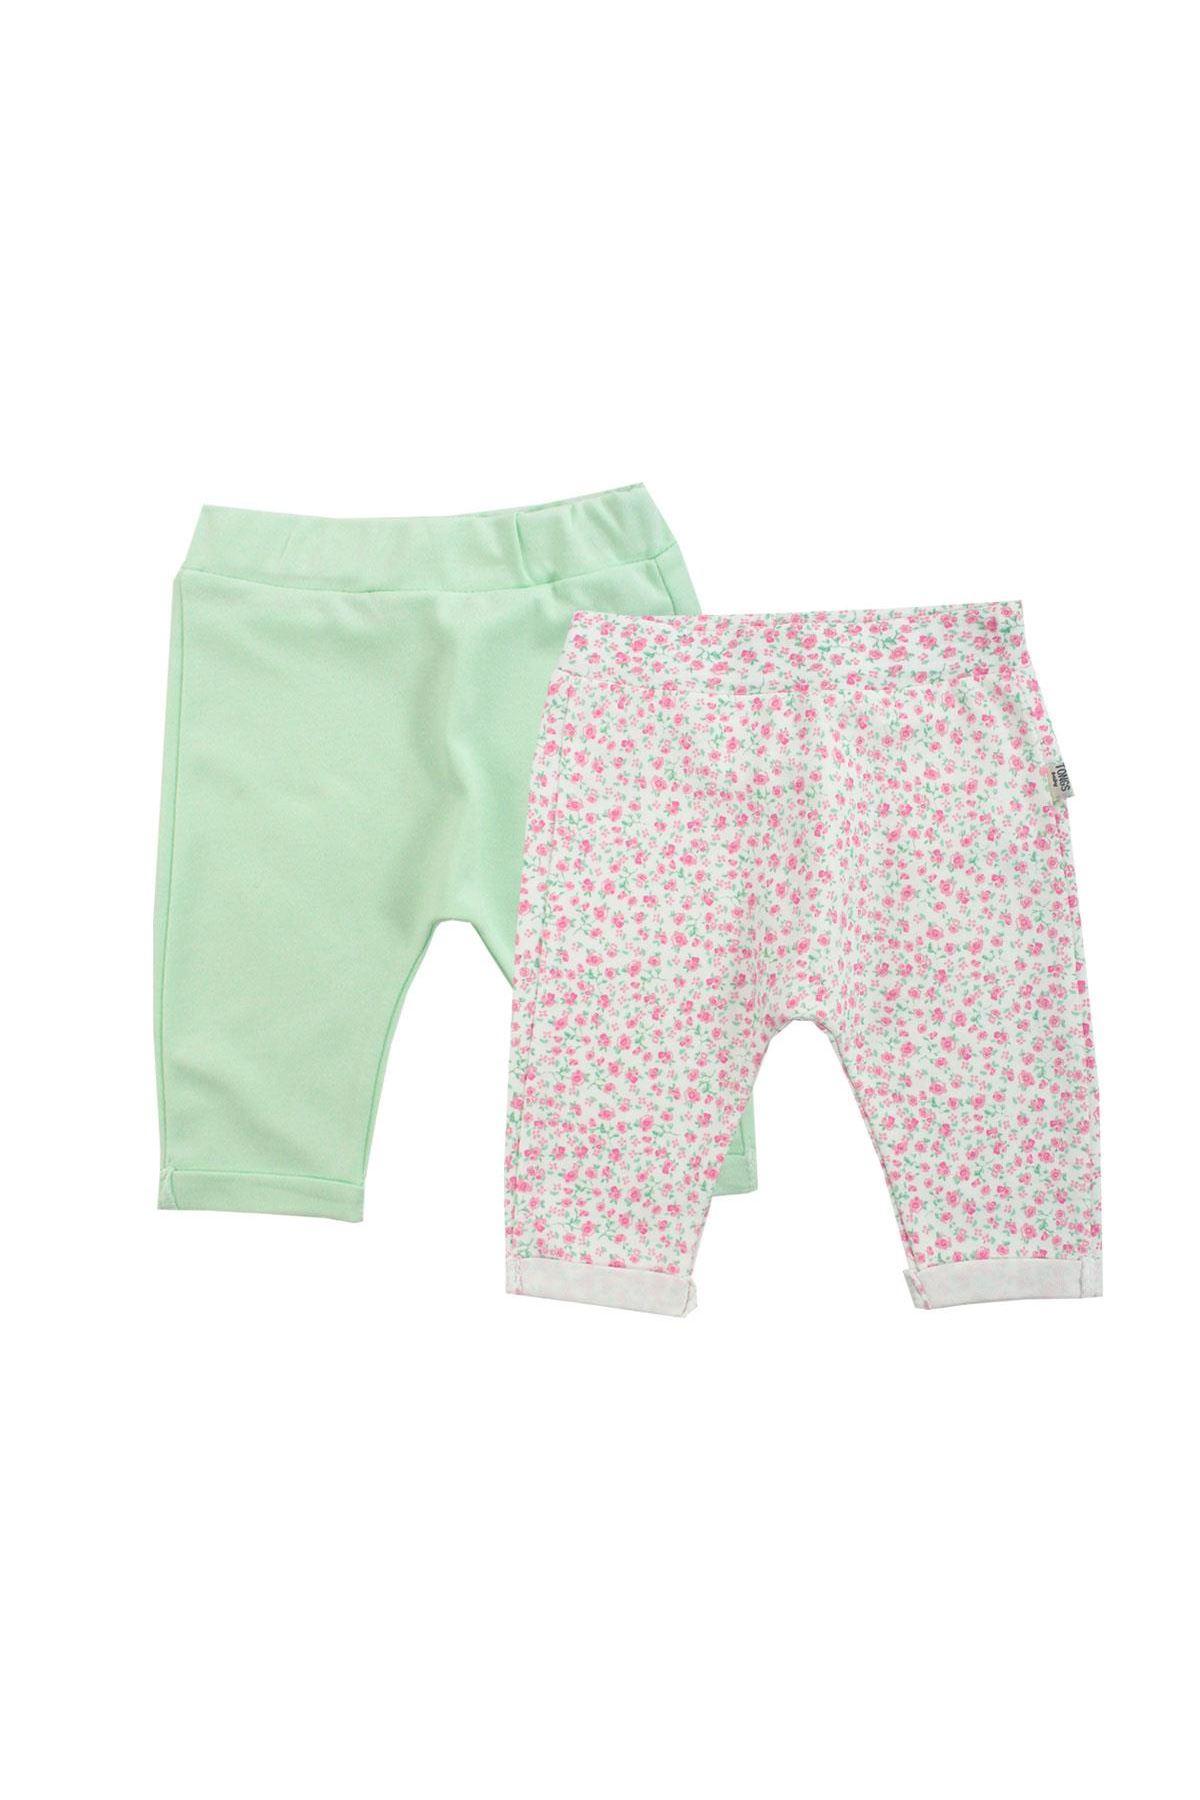 Tongs Baby Mommy Love Tek Alt Pantolon 2498 Yeşil